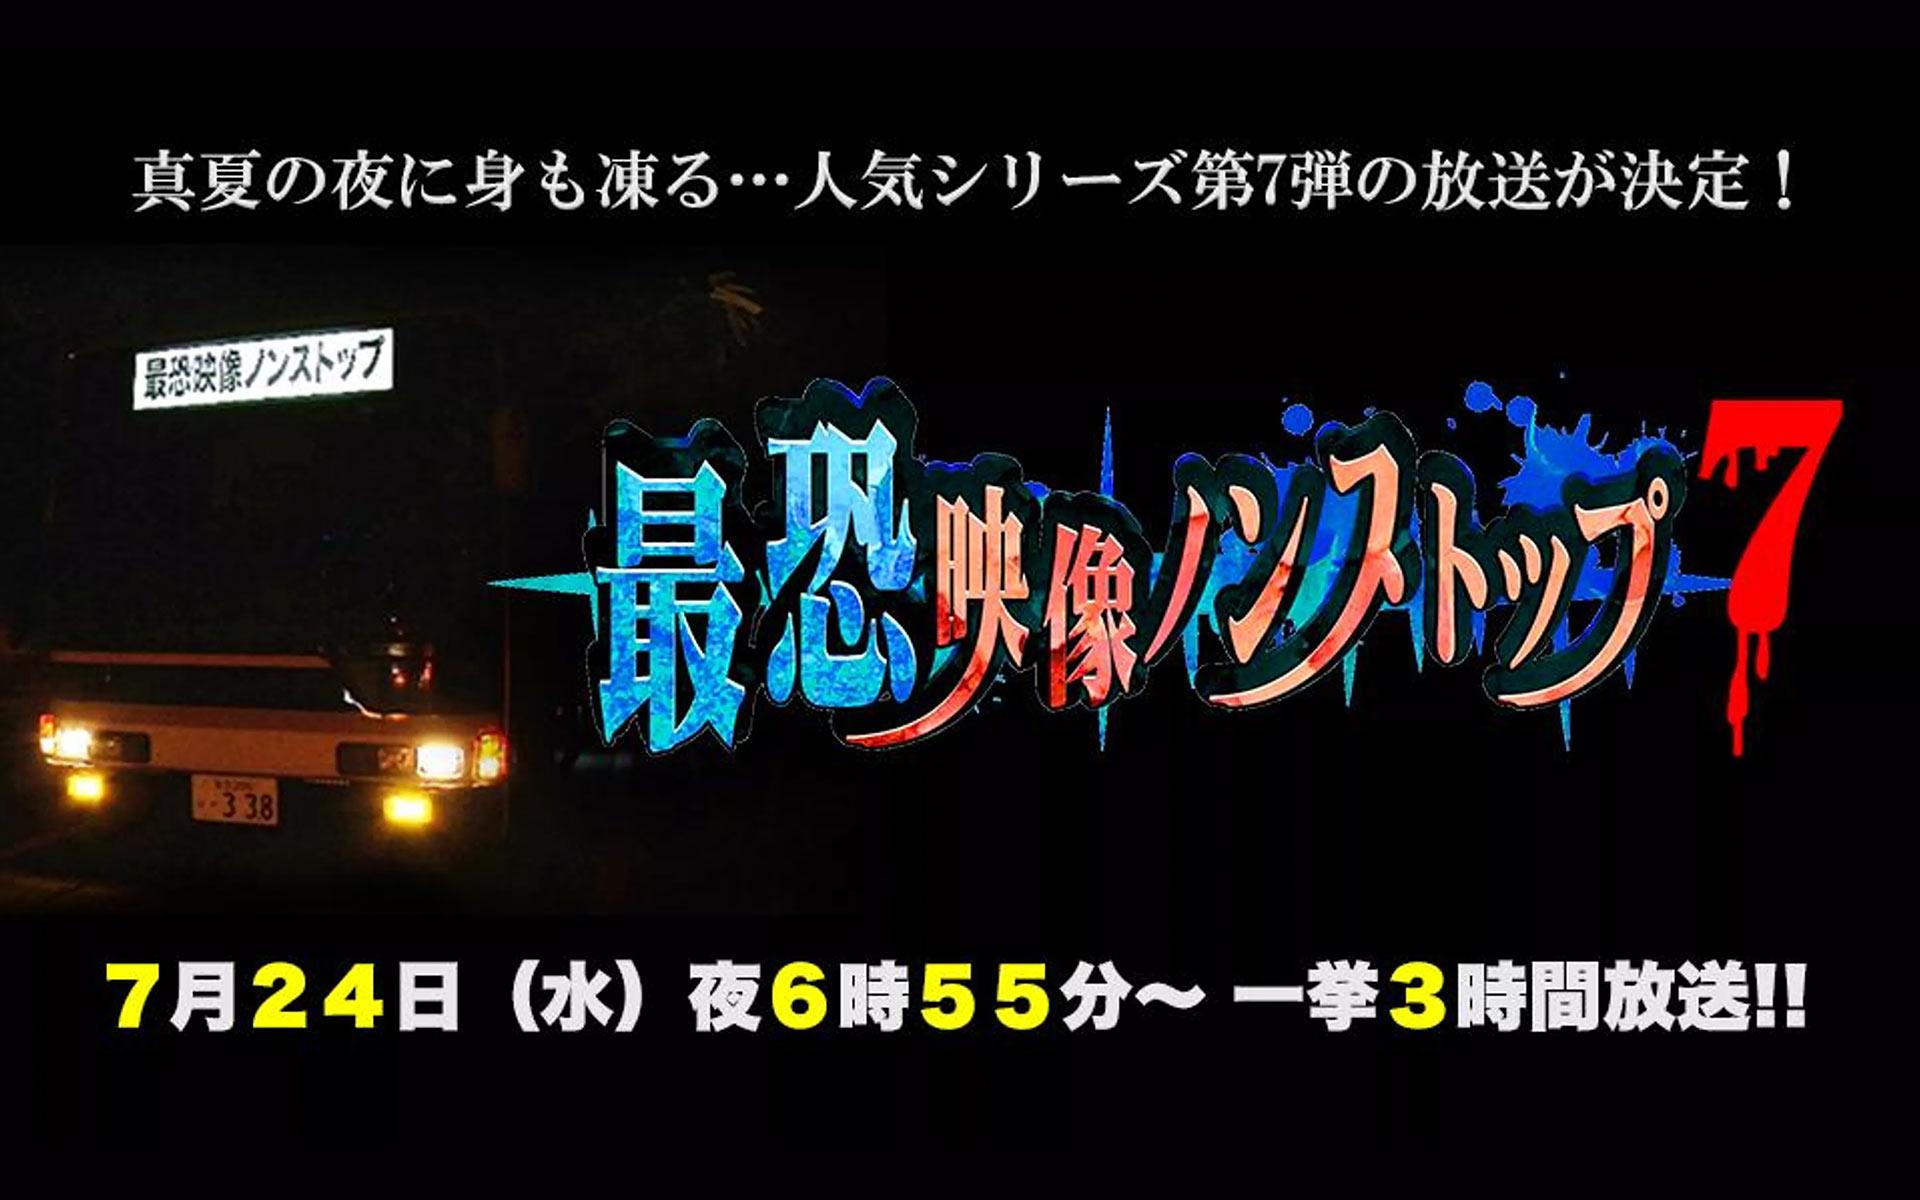 夏だ!心霊だ!「最恐映像ノンストップ」7/24(水)3時間SP放送